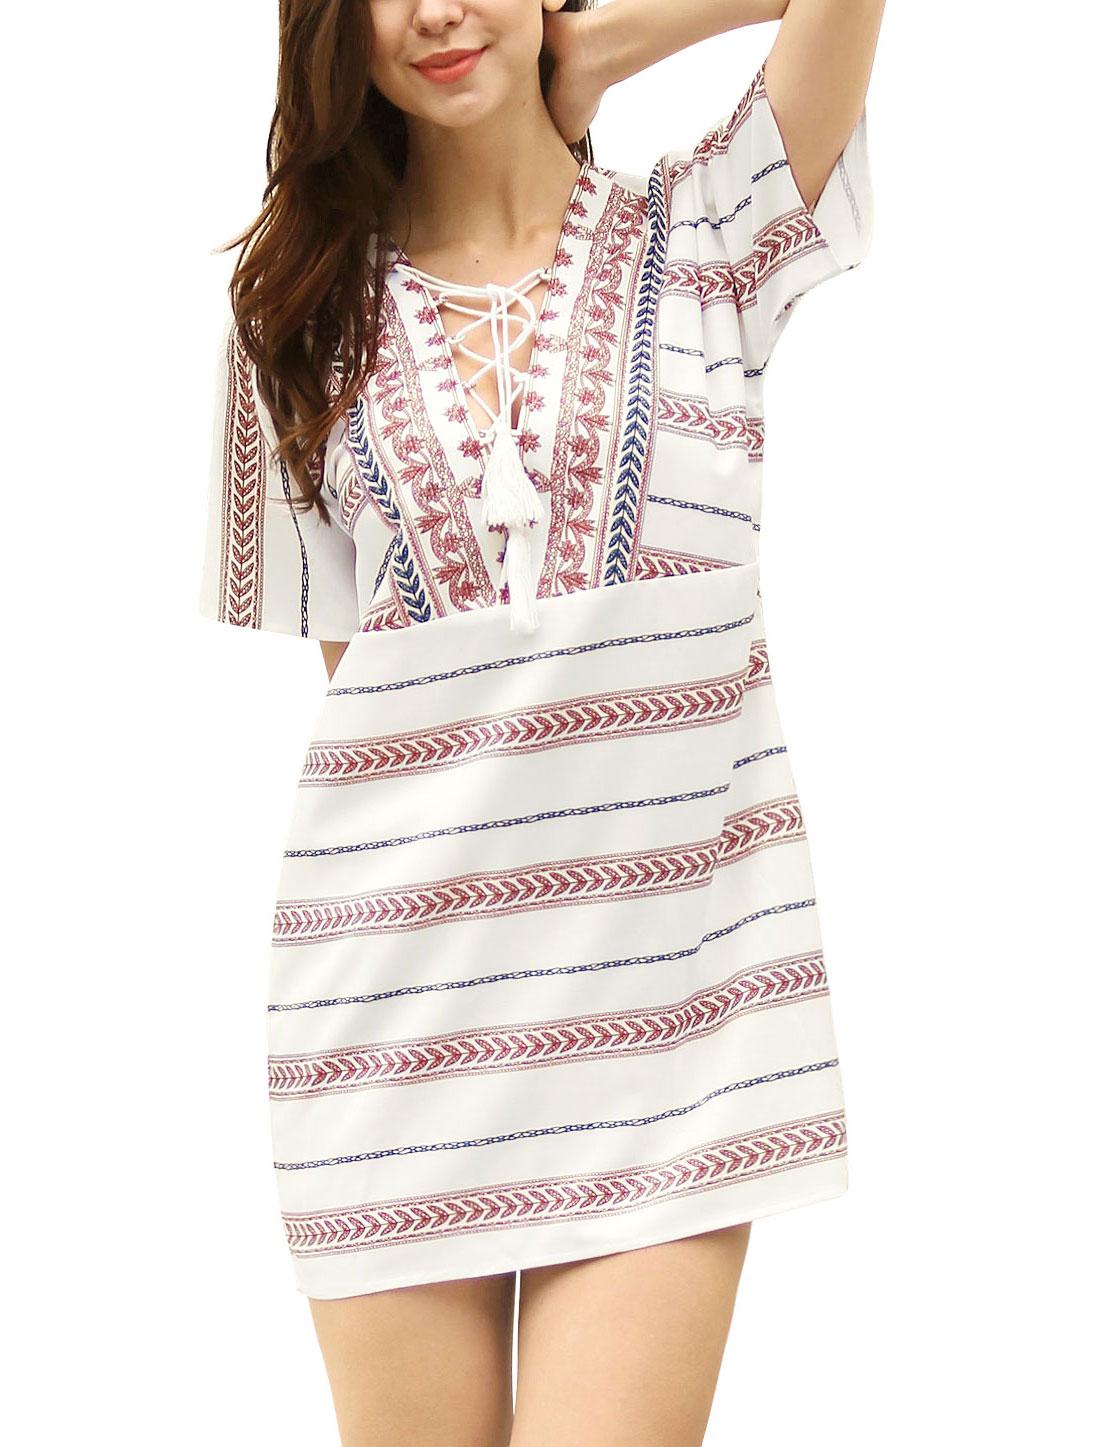 Women Leaves Stripes Pattern Fringe Lace Up Mini Dress White S